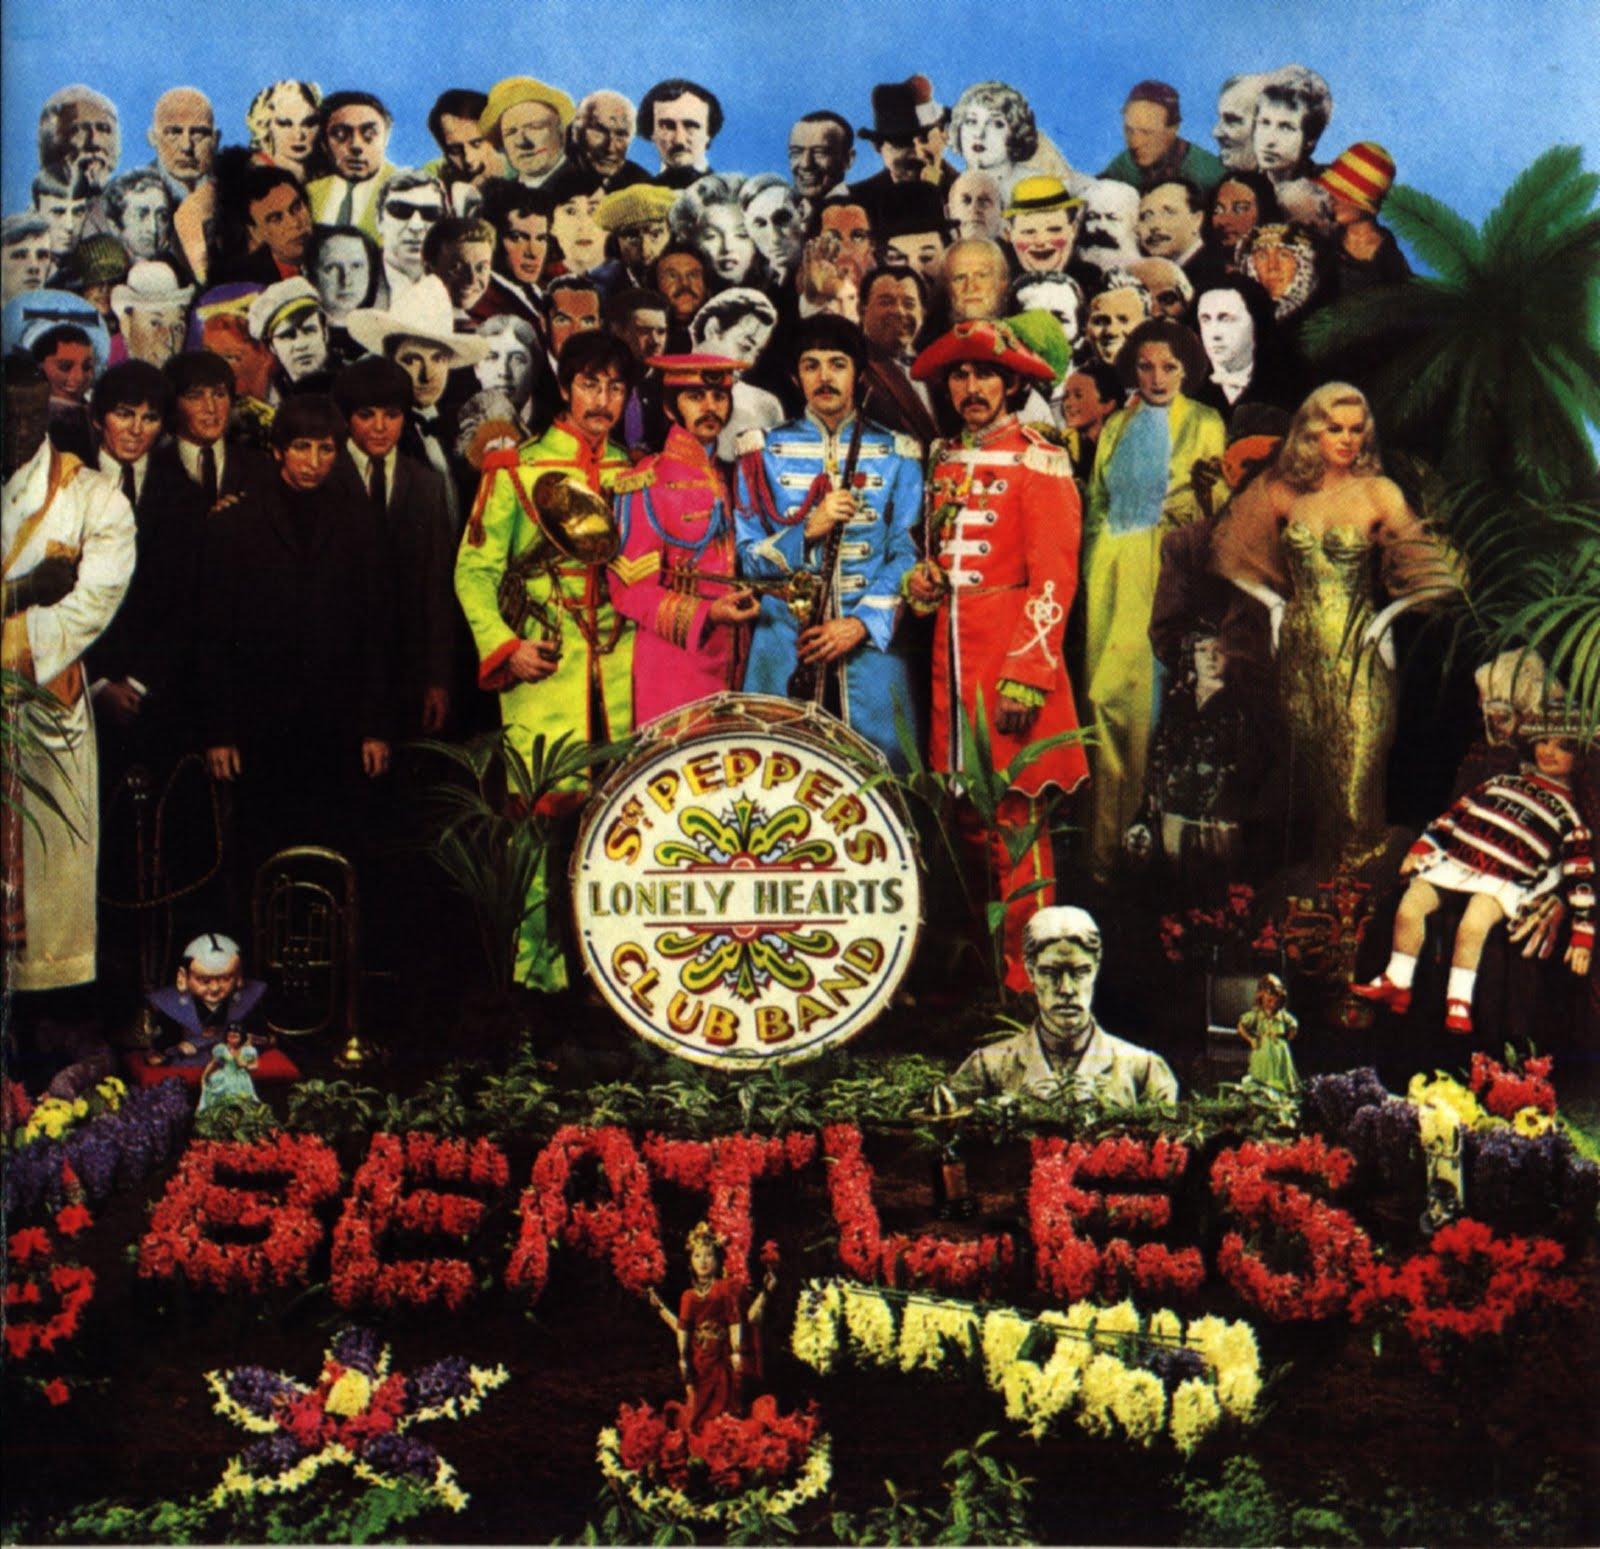 Sgt-Pepper